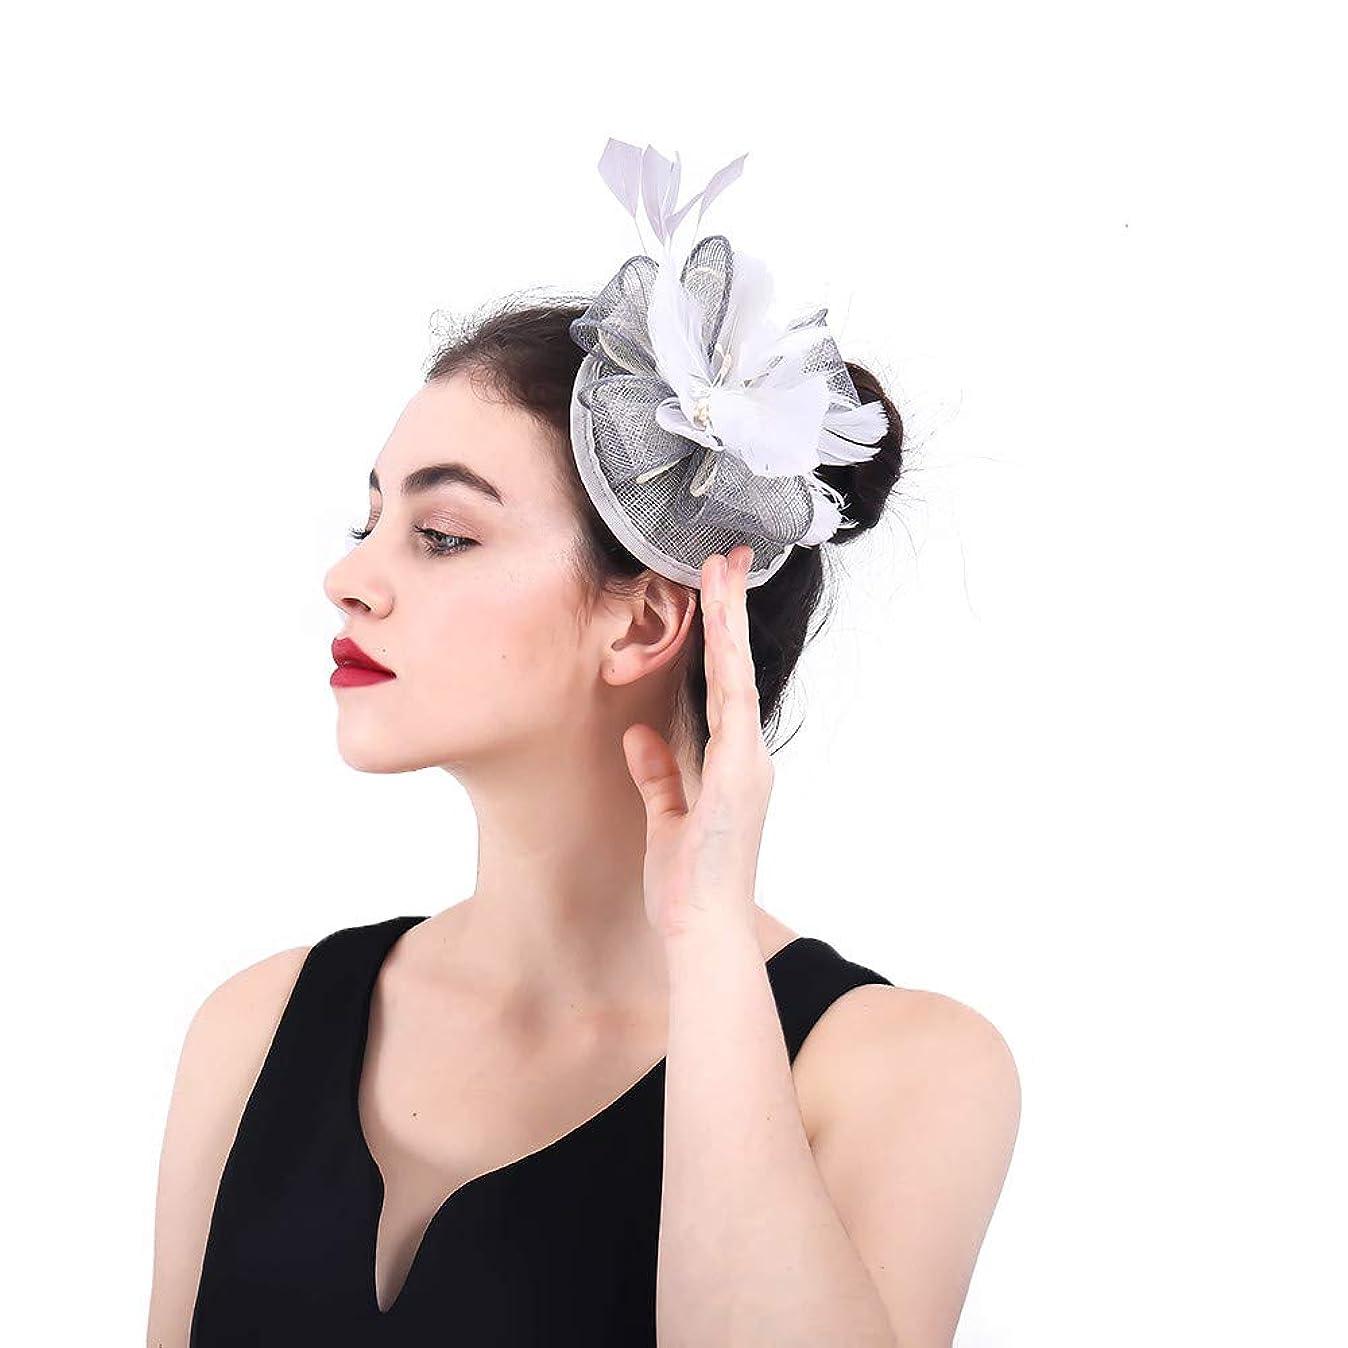 と測定可能どれか女性の魅力的な帽子 女性のエレガントな魅惑的な羽の花の結婚式のヘアピンヘッドドレスロイヤルアスコットカクテルティーパーティー (色 : Grey)